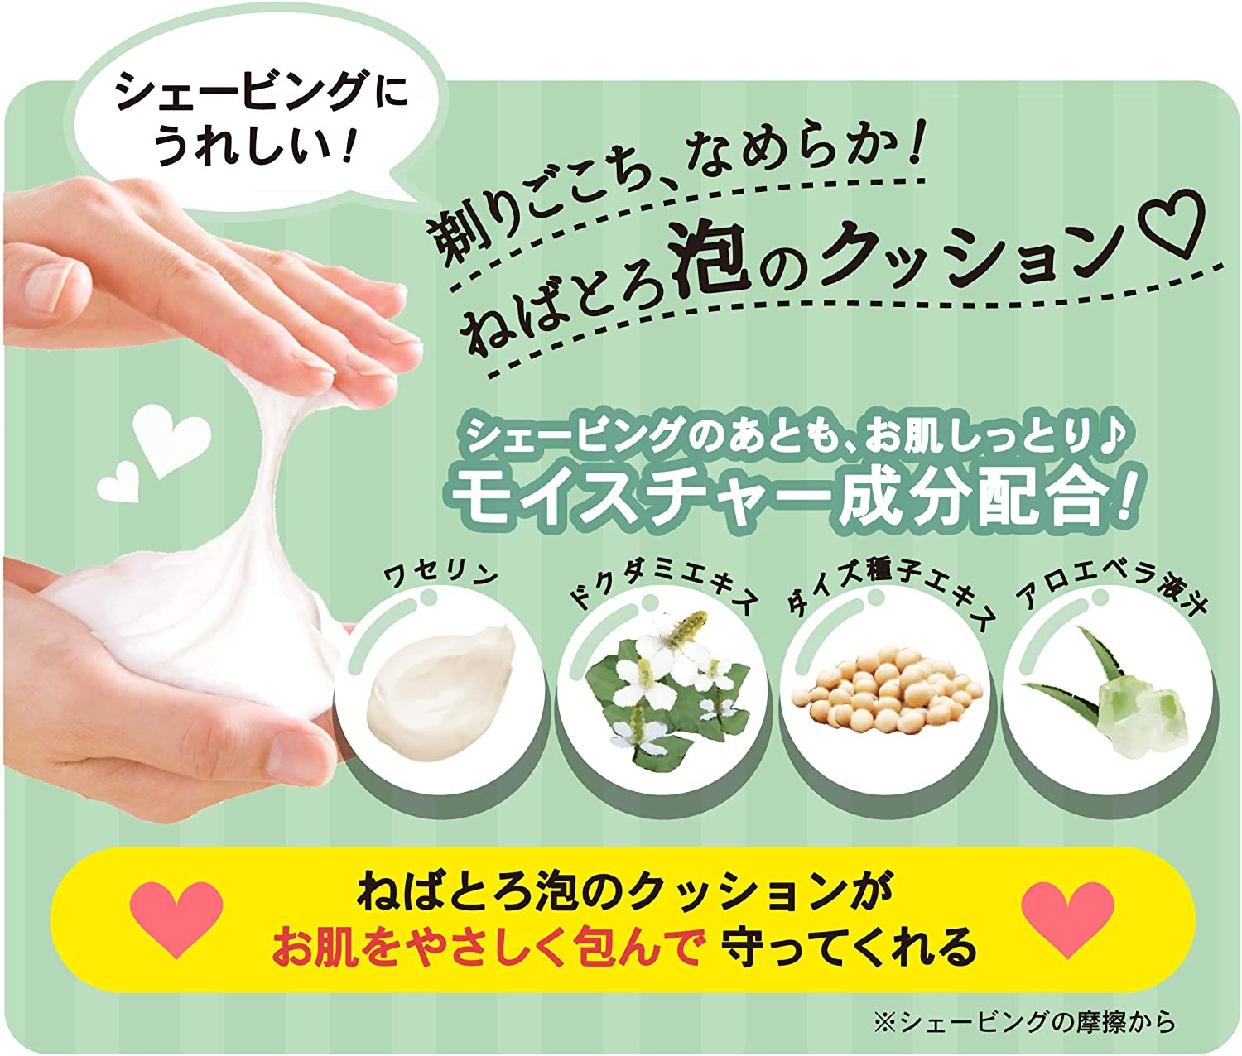 ペリカン石鹸(ペリカン石鹸)シェービングソープ・ソリィの商品画像5